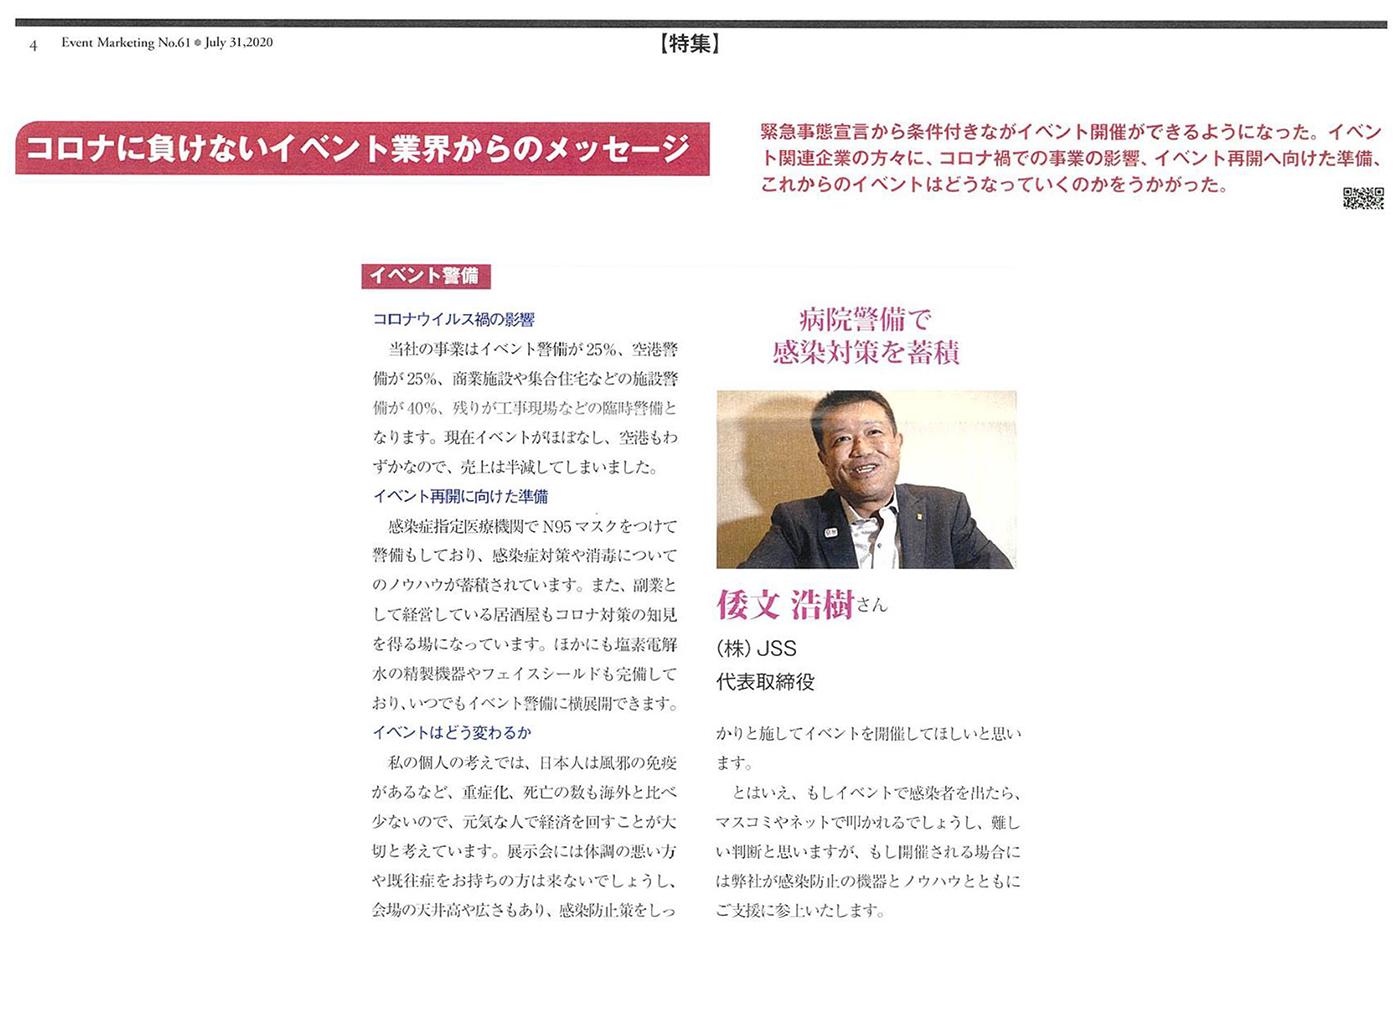 倭文社長インタビュー記事